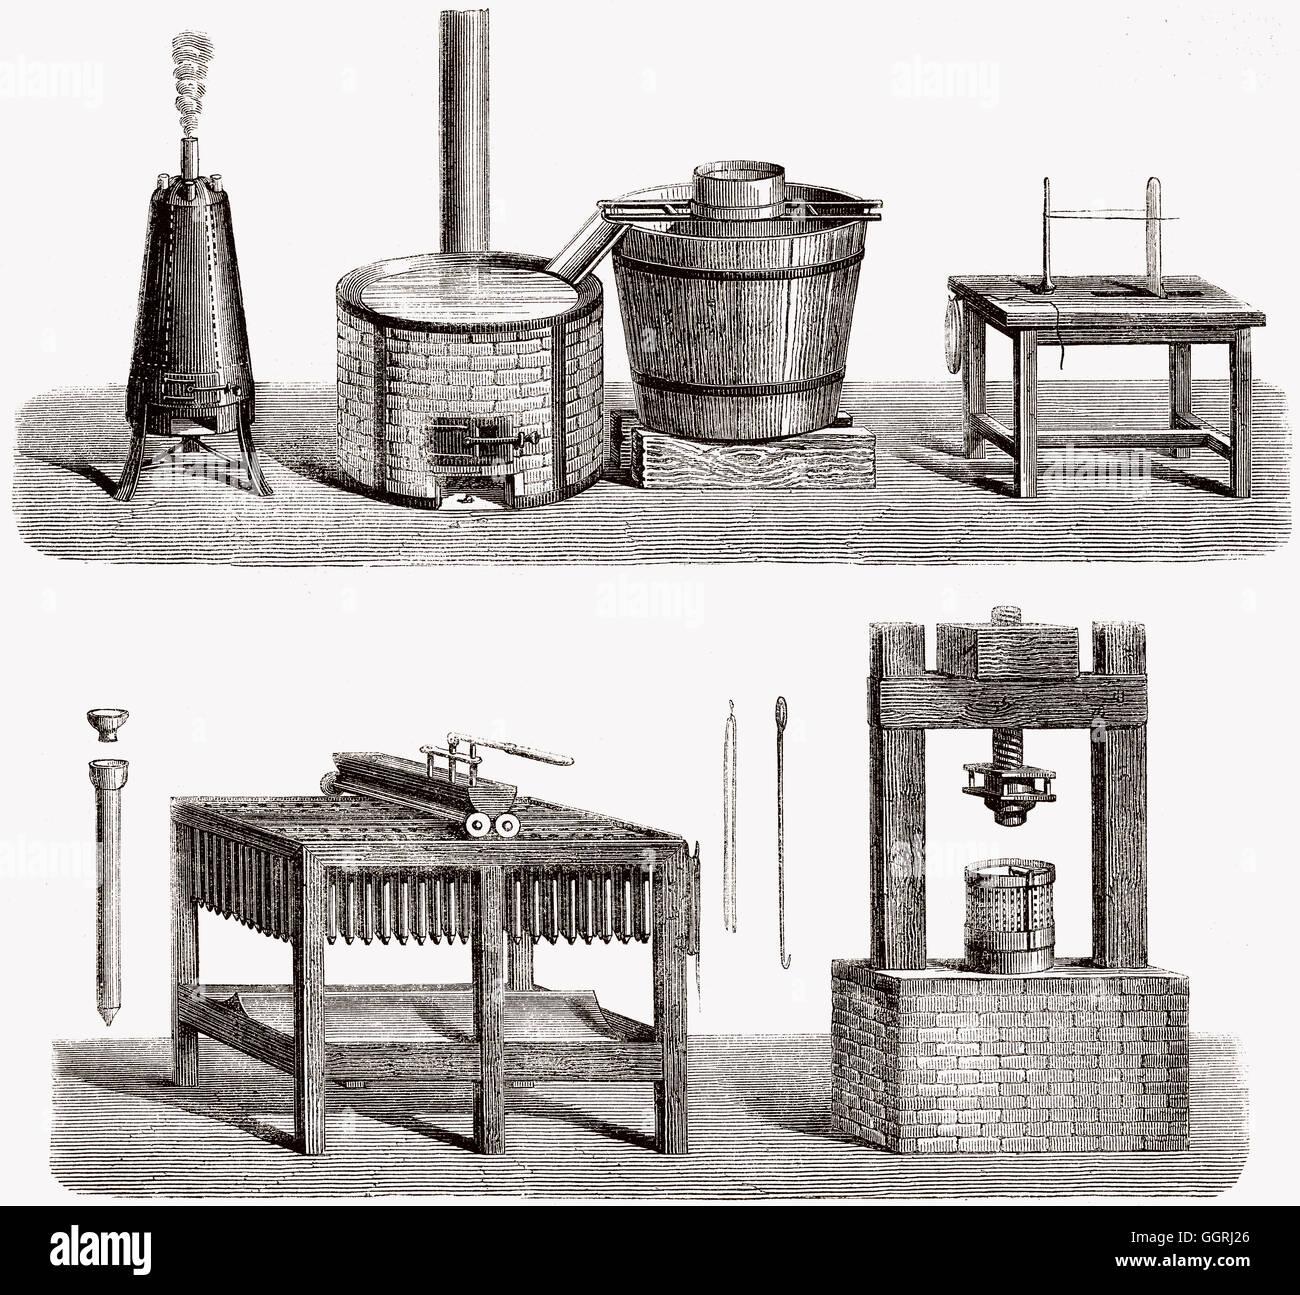 La production de bougies au 19e siècle Photo Stock